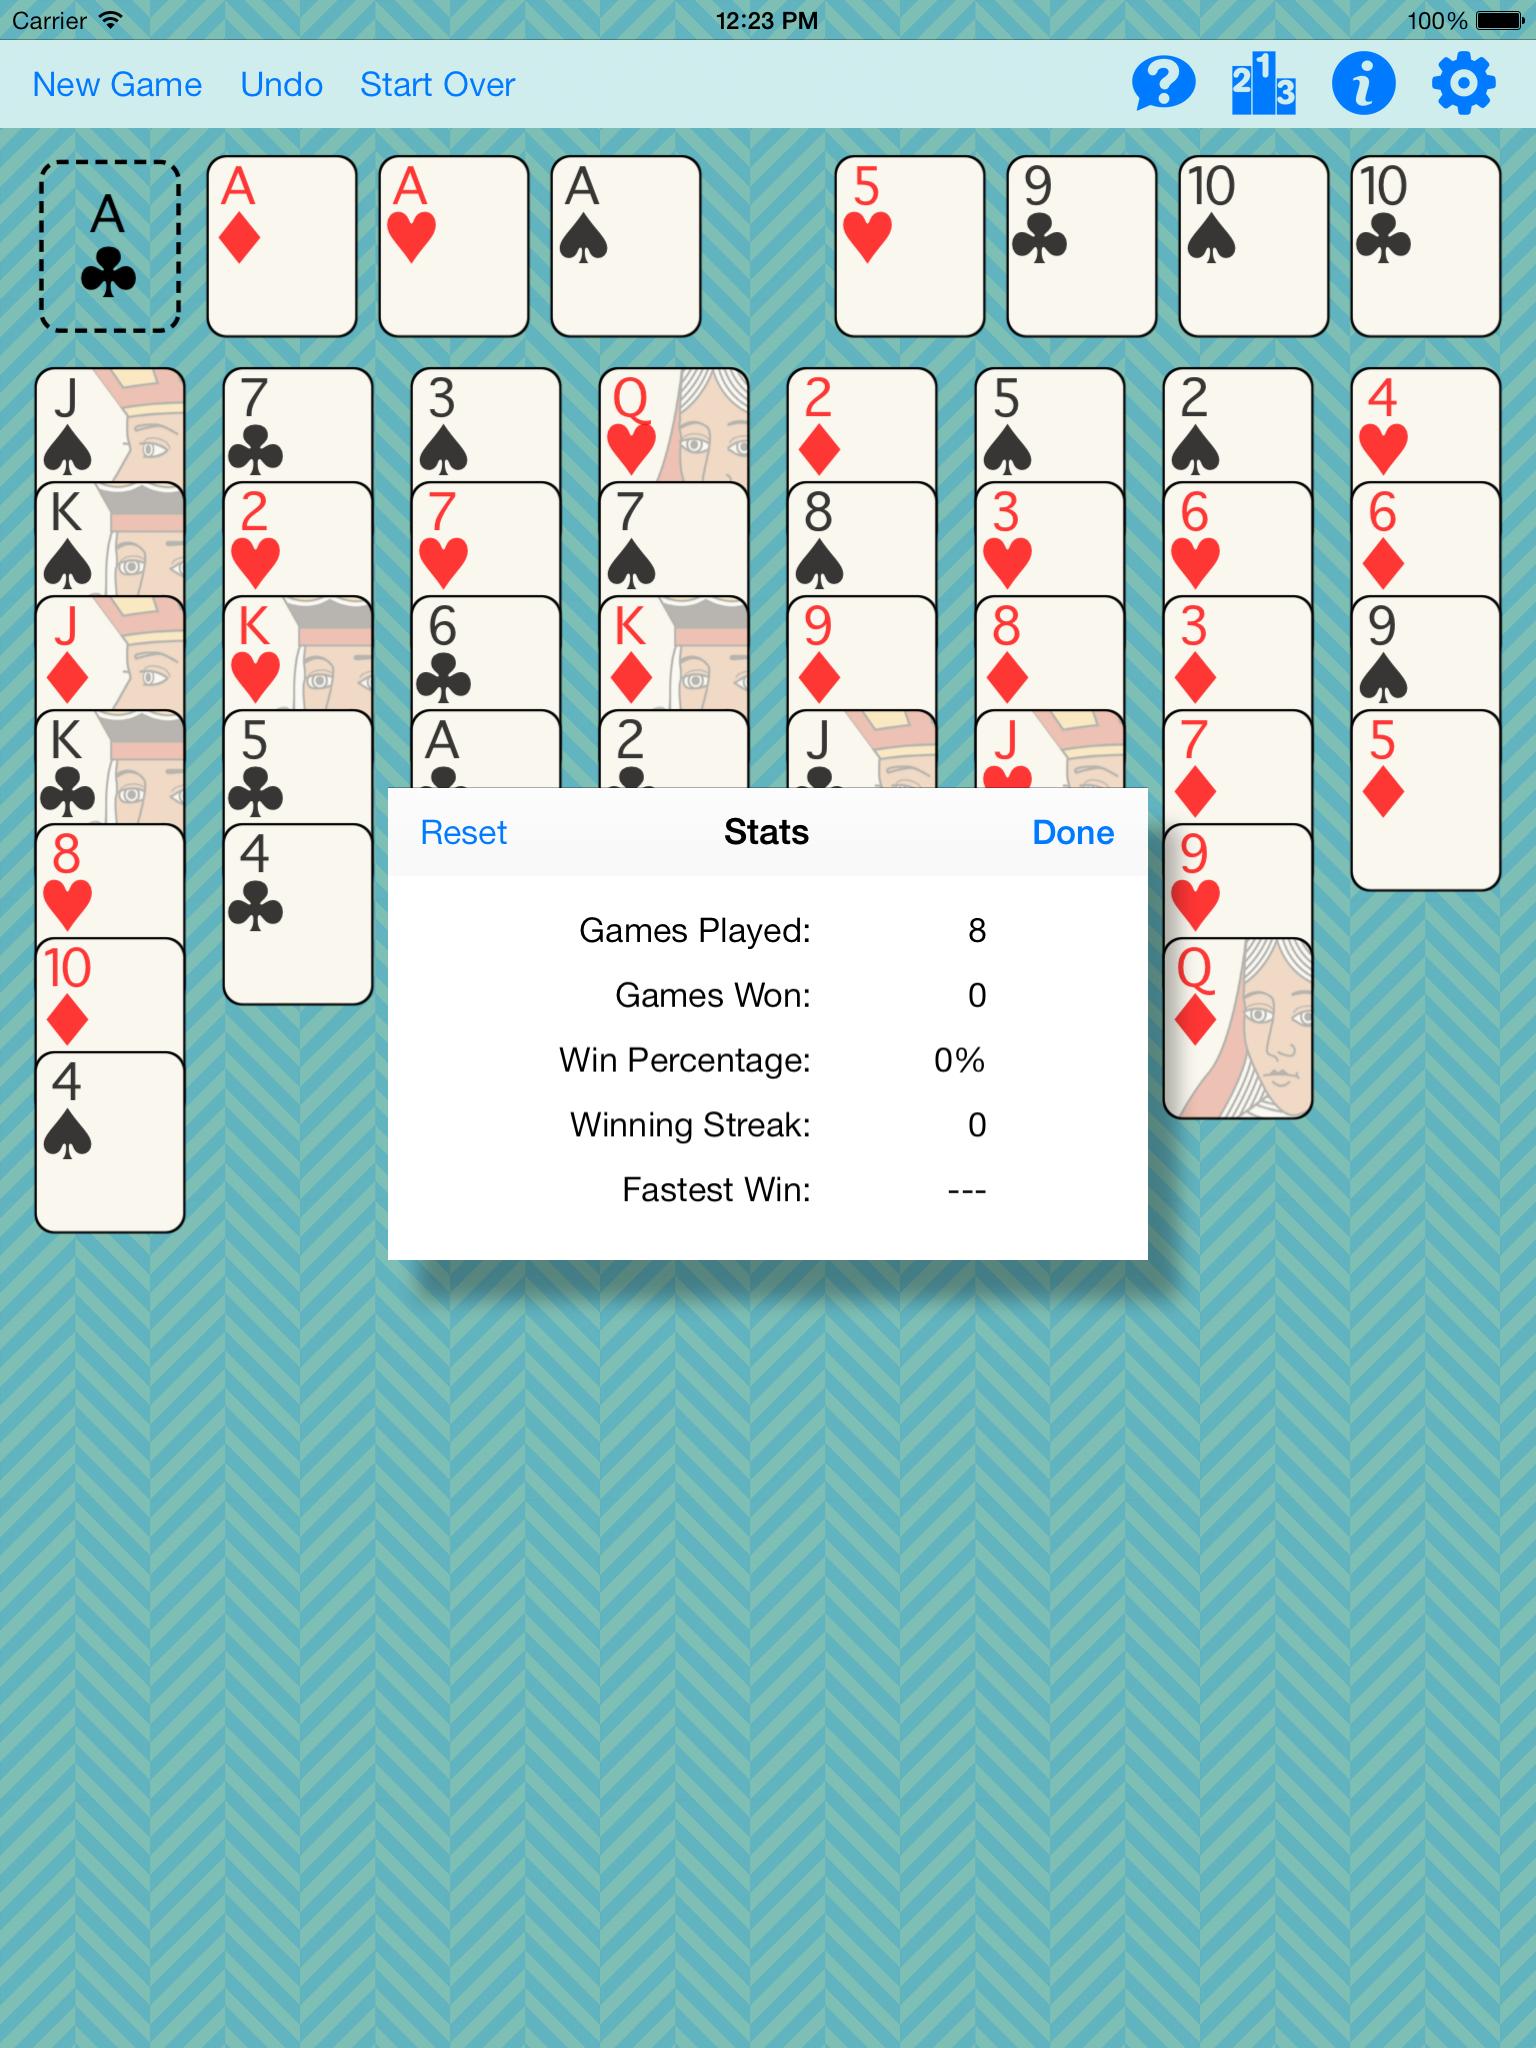 iOS Simulator Screen shot Jan 8, 2014, 12.23.49 PM.png